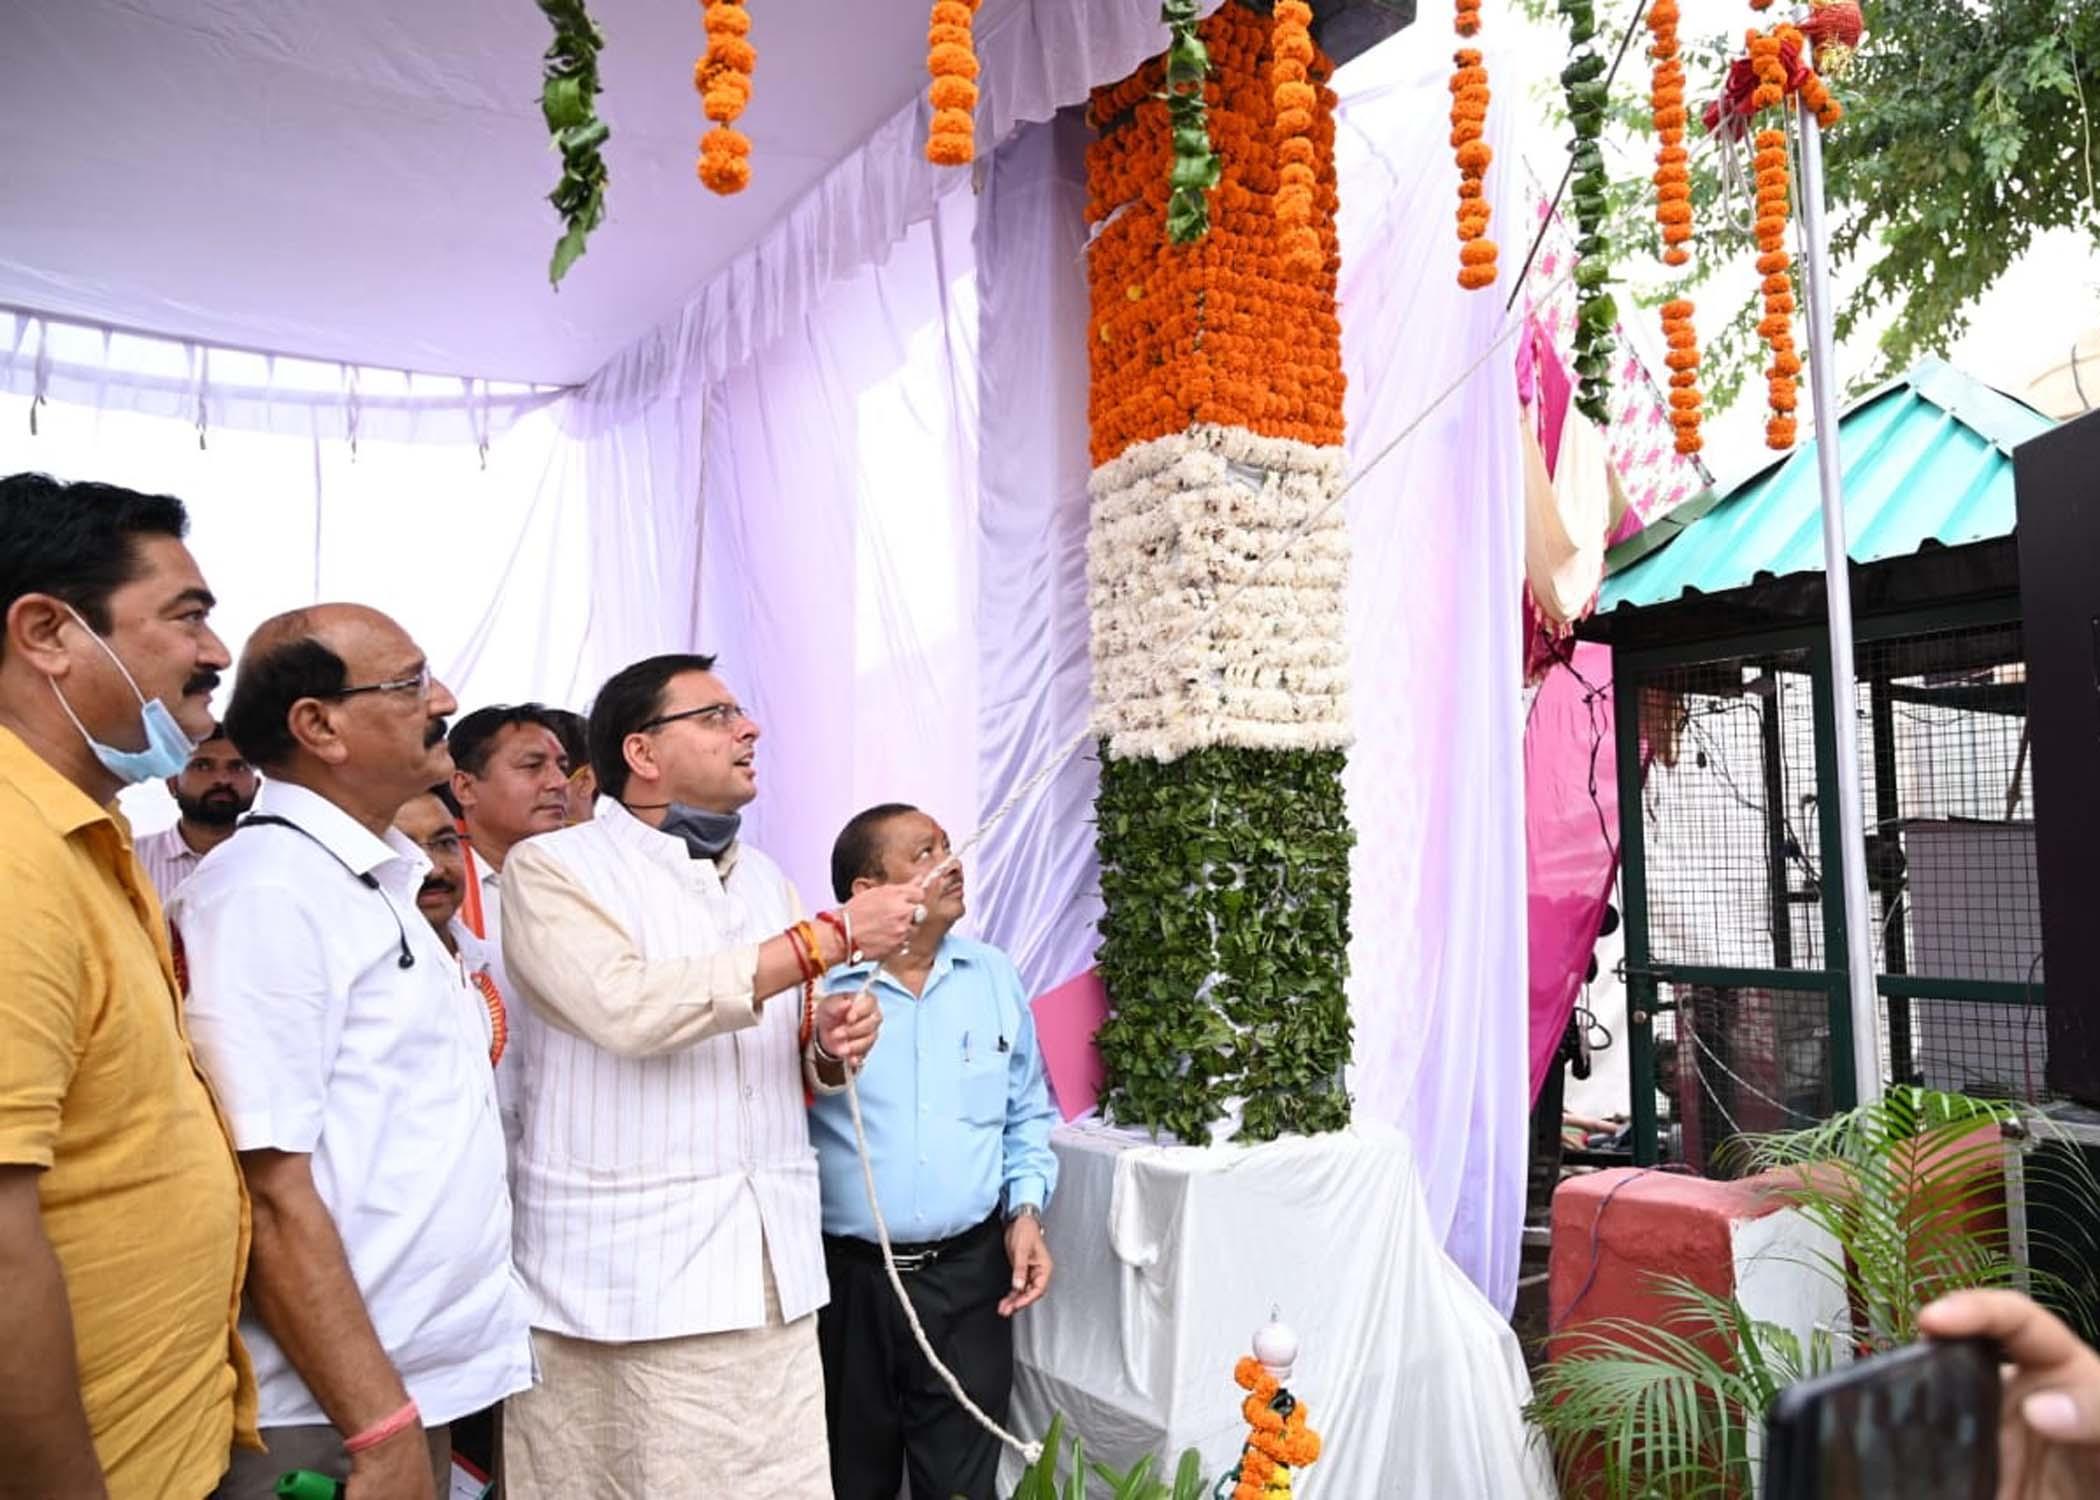 सीएम पुष्कर धामी ने किया नरेंद्रनगर में 45वां सिद्धपीठ श्री कुंजापुरी पर्यटन एवं विकास मेले का उद्घा